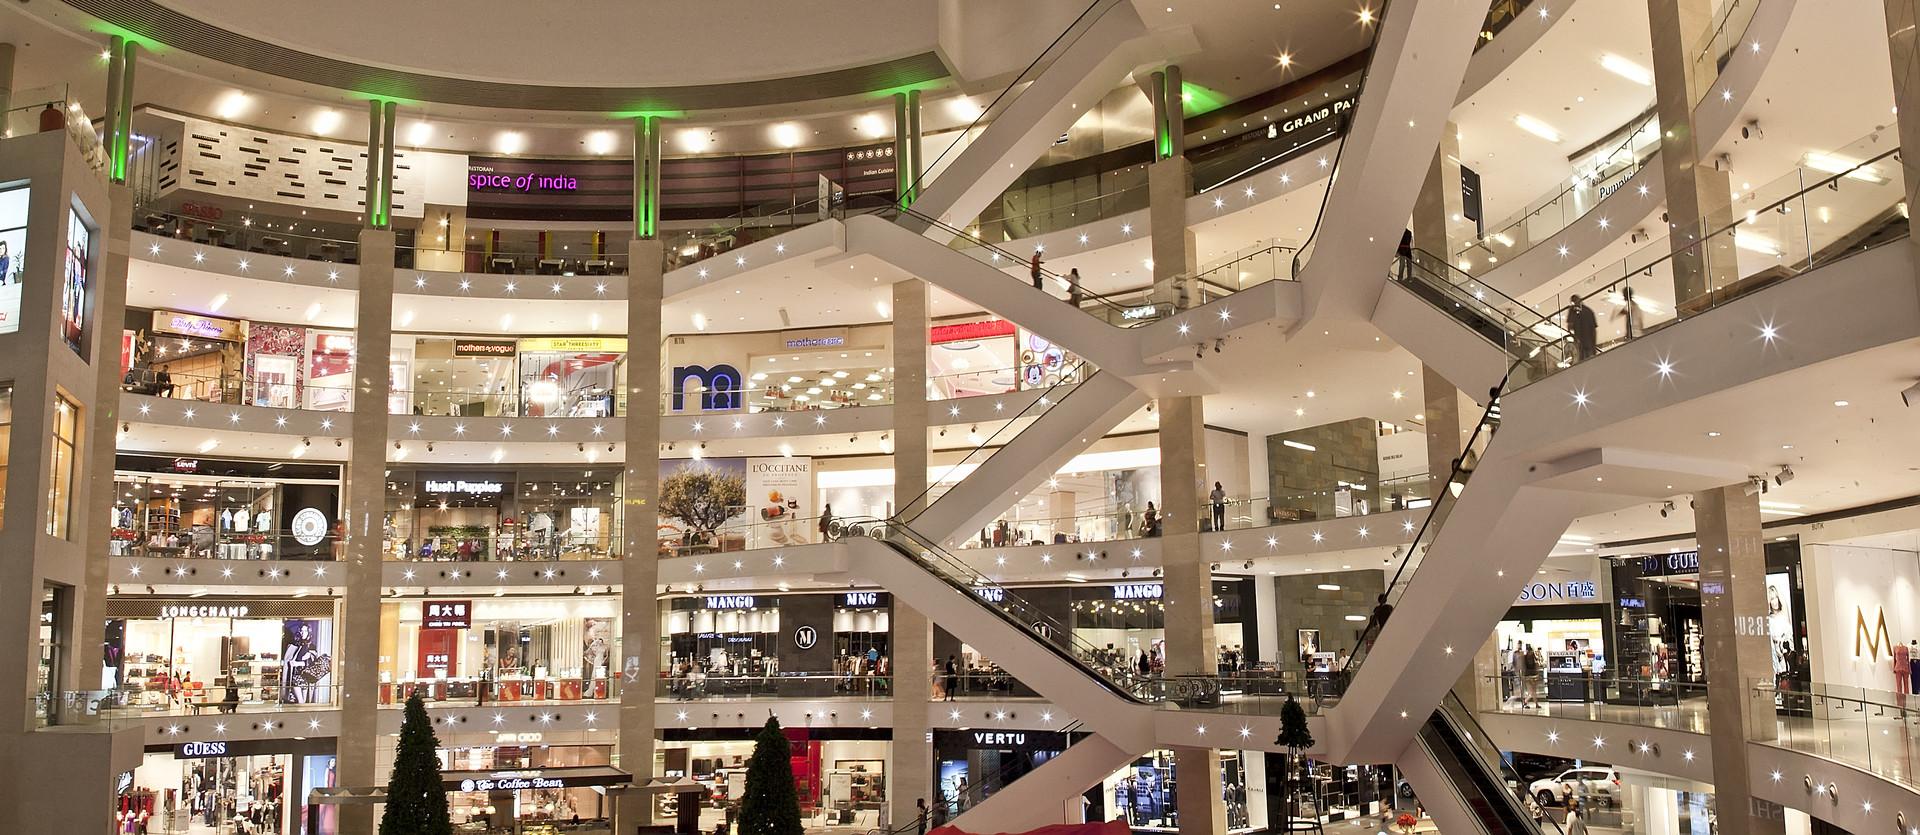 Una revisión detallada de las tiendas, restaurantes y entretenimiento de Pavilion.